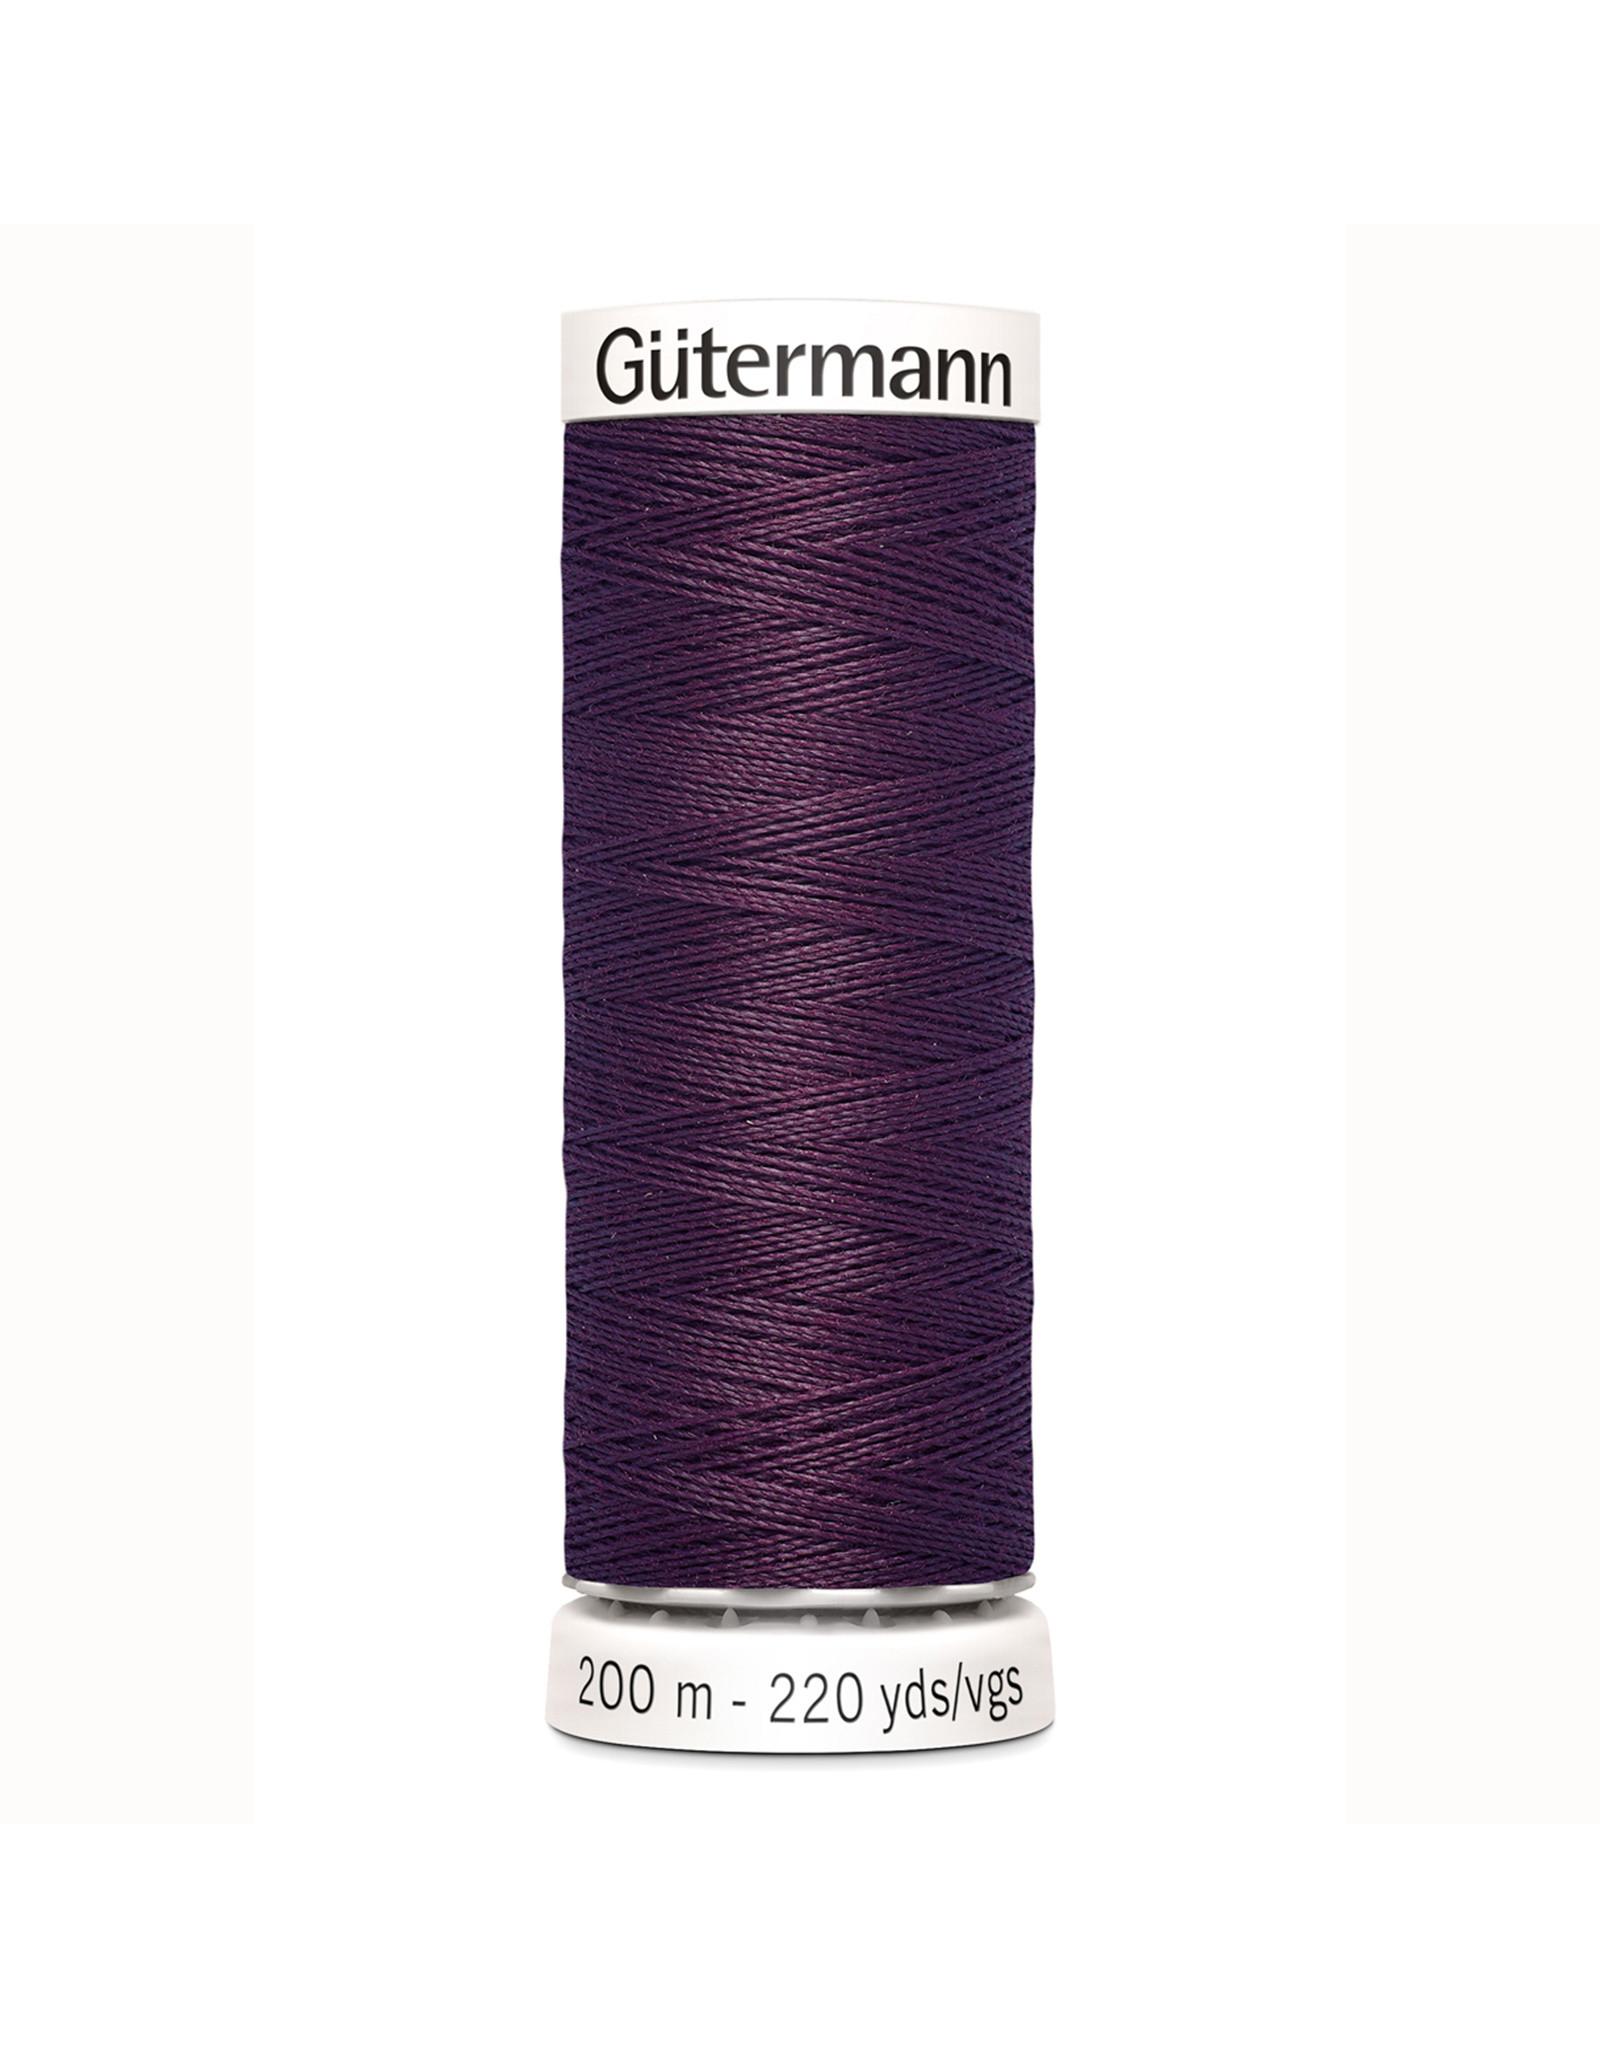 Gütermann Gütermann Nähgarn 200 m - nr 517